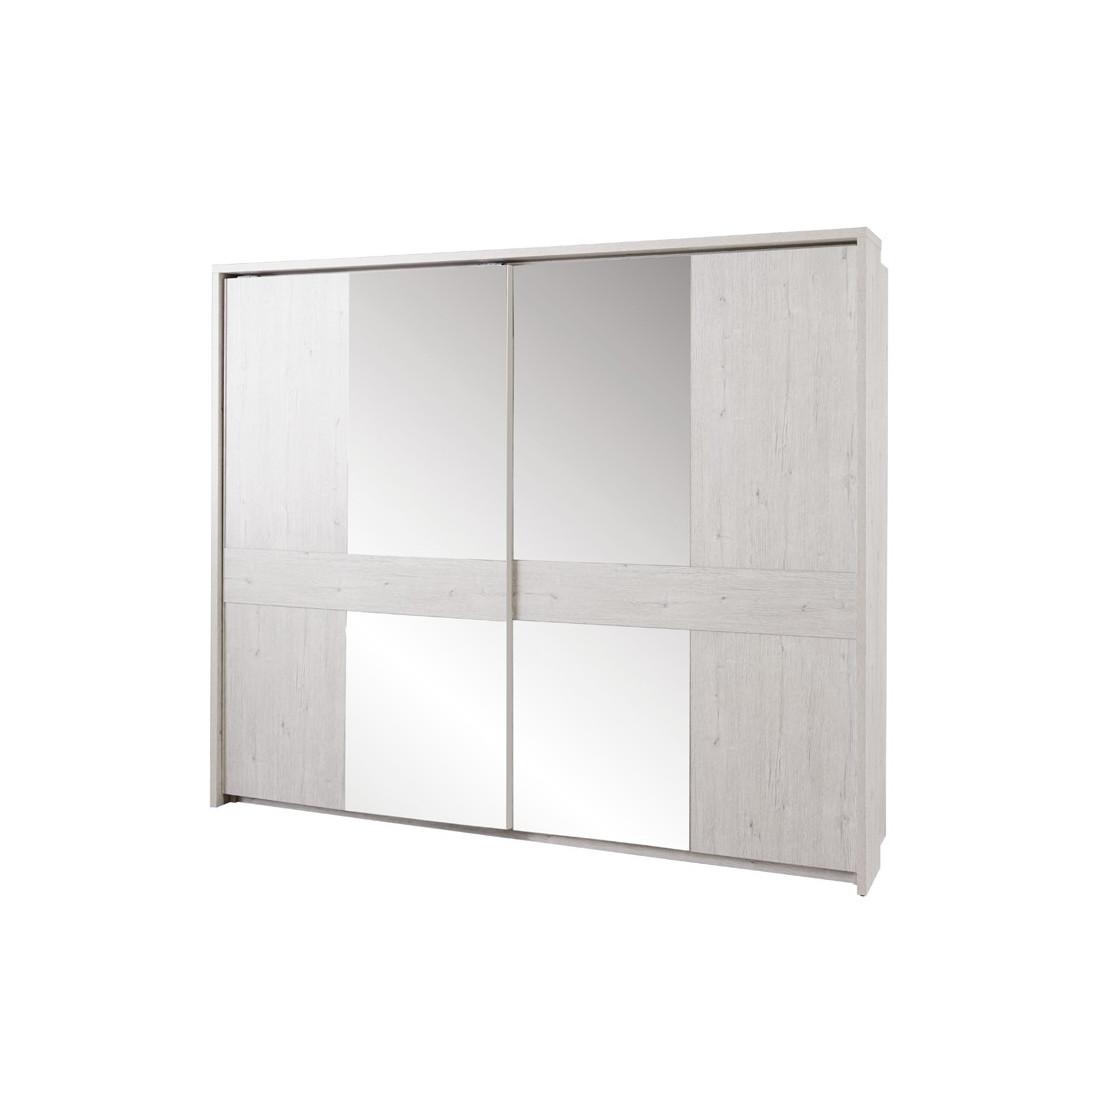 Armoire 2 portes coulissantes 260 cm dulce univers de la for Armoire 100 cm porte coulissante